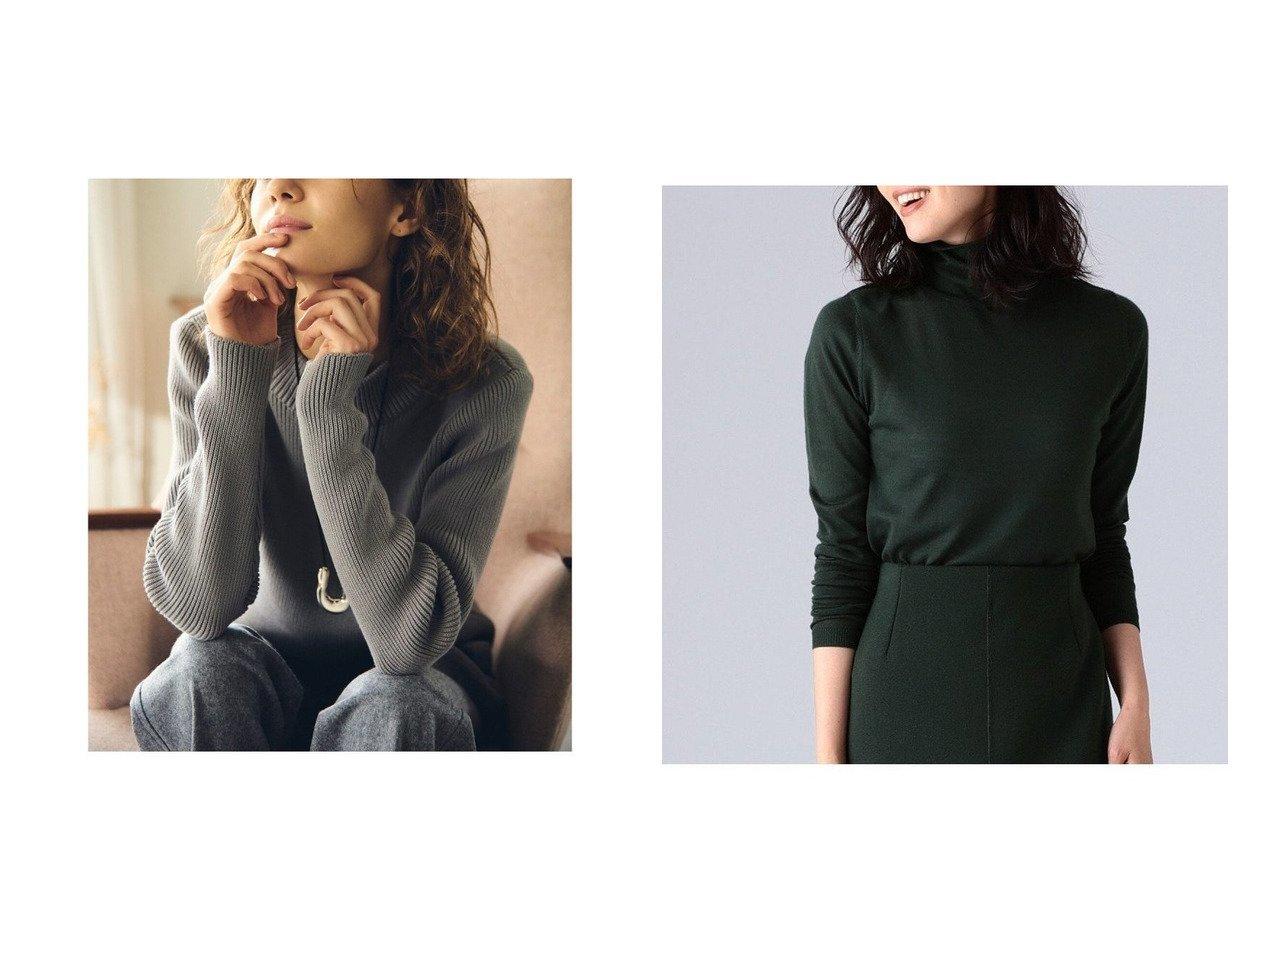 【Demi-Luxe BEAMS/デミルクス ビームス】のAK+ コットン モックネック ニット&AK+ ウール ハイネックニット トップス・カットソーのおすすめ!人気、トレンド・レディースファッションの通販  おすすめで人気の流行・トレンド、ファッションの通販商品 メンズファッション・キッズファッション・インテリア・家具・レディースファッション・服の通販 founy(ファニー) https://founy.com/ ファッション Fashion レディースファッション WOMEN トップス Tops Tshirt ニット Knit Tops モックネック 長袖 インナー シンプル スリーブ セットアップ ハイネック バランス パターン フィット ベーシック メンズ |ID:crp329100000010518